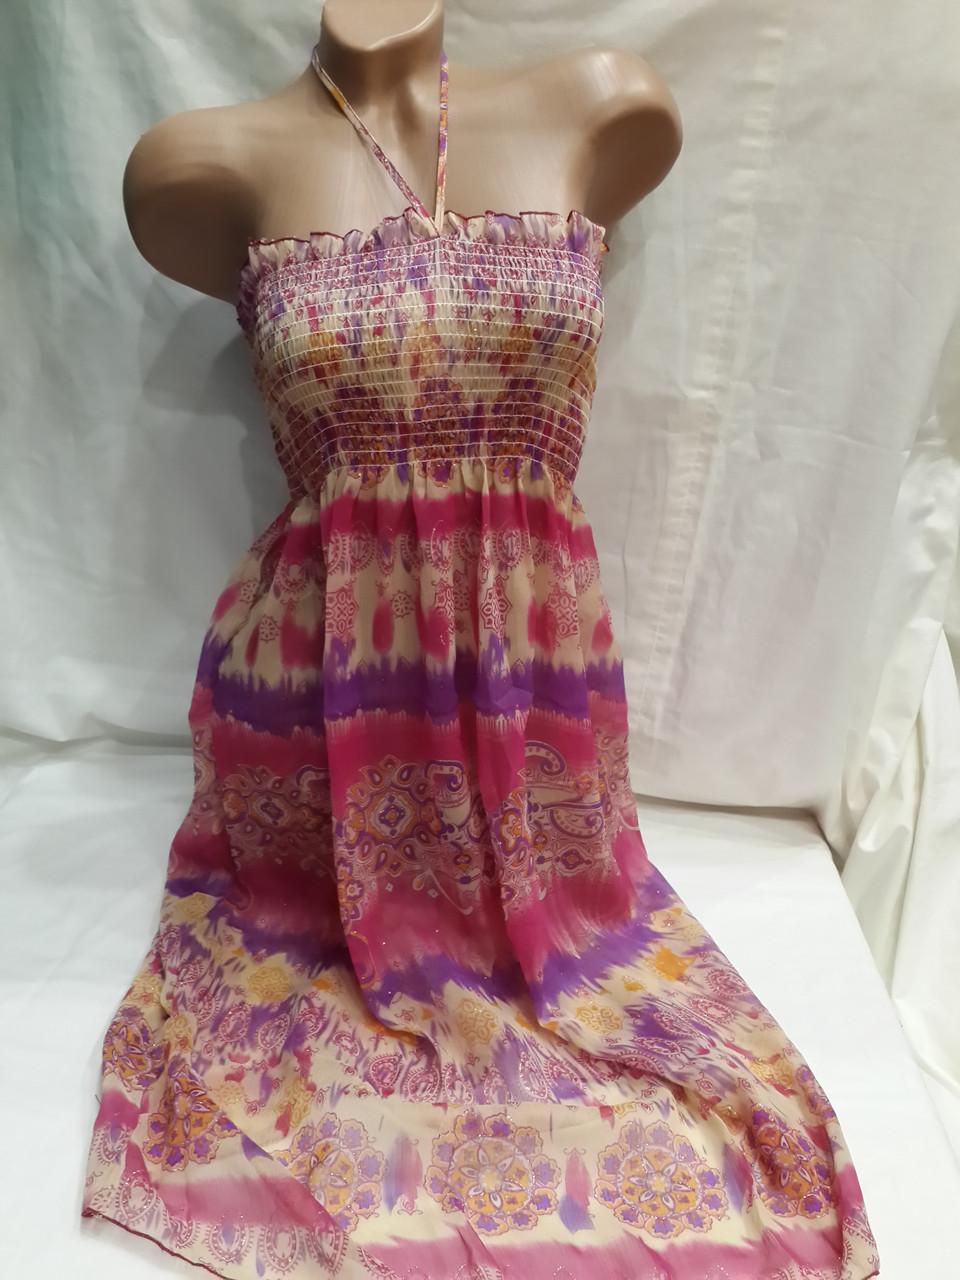 Сарафан-юбка пляжный 001 розовый,идет на наши 40-44 размеры.